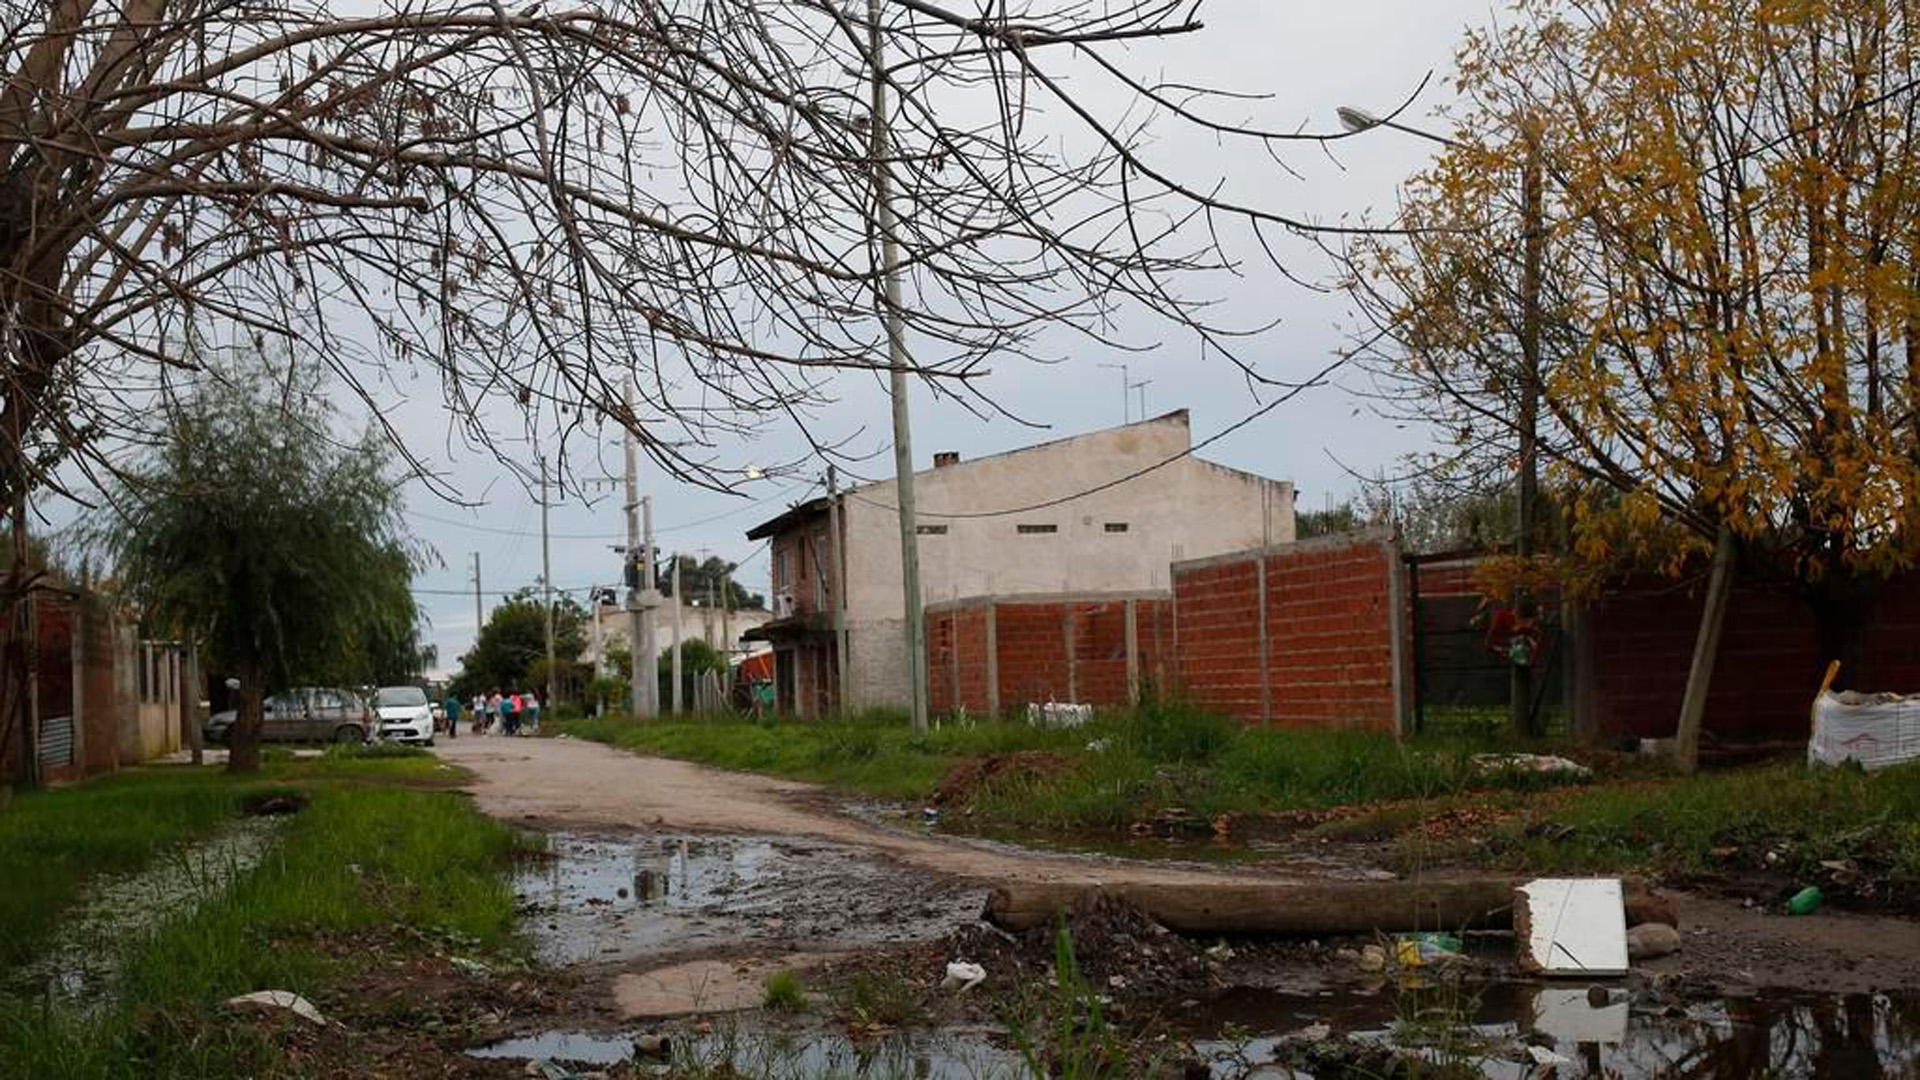 La zona donde está la casa que iba a ser sede de la fiesta (Demián Alday – El Día)